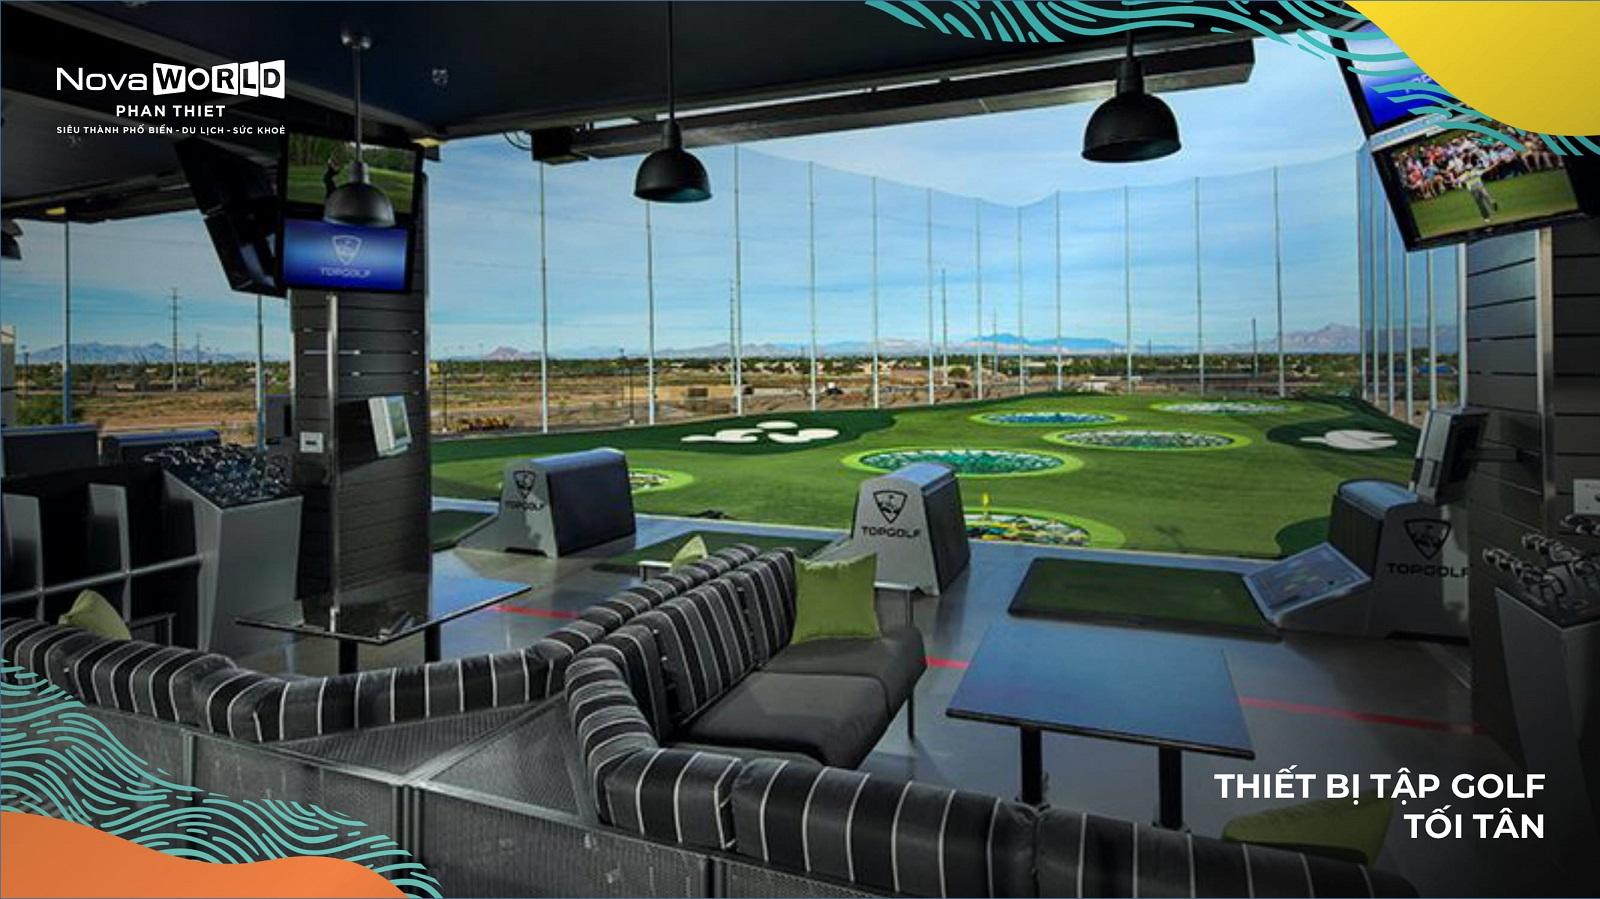 Biệt thự PGA Golf Villas NovaWorld Phan Thiết - Giá bán và ưu đãi từ Novaland 2